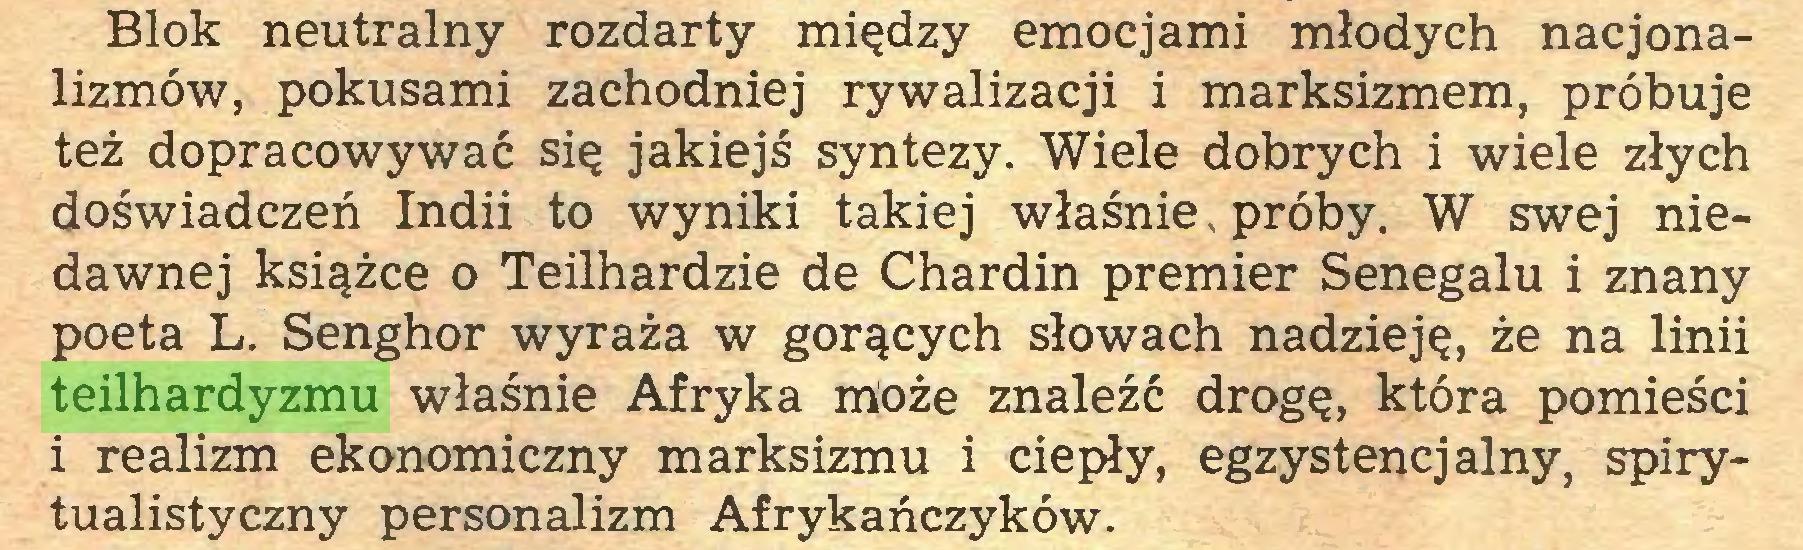 (...) Blok neutralny rozdarty między emocjami młodych nacjonalizmów, pokusami zachodniej rywalizacji i marksizmem, próbuje też dopracowywać się jakiejś syntezy. Wiele dobrych i wiele złych doświadczeń Indii to wyniki takiej właśnie, próby. W swej niedawnej książce o Teilhardzie de Chardin premier Senegalu i znany poeta L. Senghor wyraża w gorących słowach nadzieję, że na linii teilhardyzmu właśnie Afryka może znaleźć drogę, która pomieści i realizm ekonomiczny marksizmu i ciepły, egzystencjalny, spirytualistyczny personalizm Afrykańczyków...